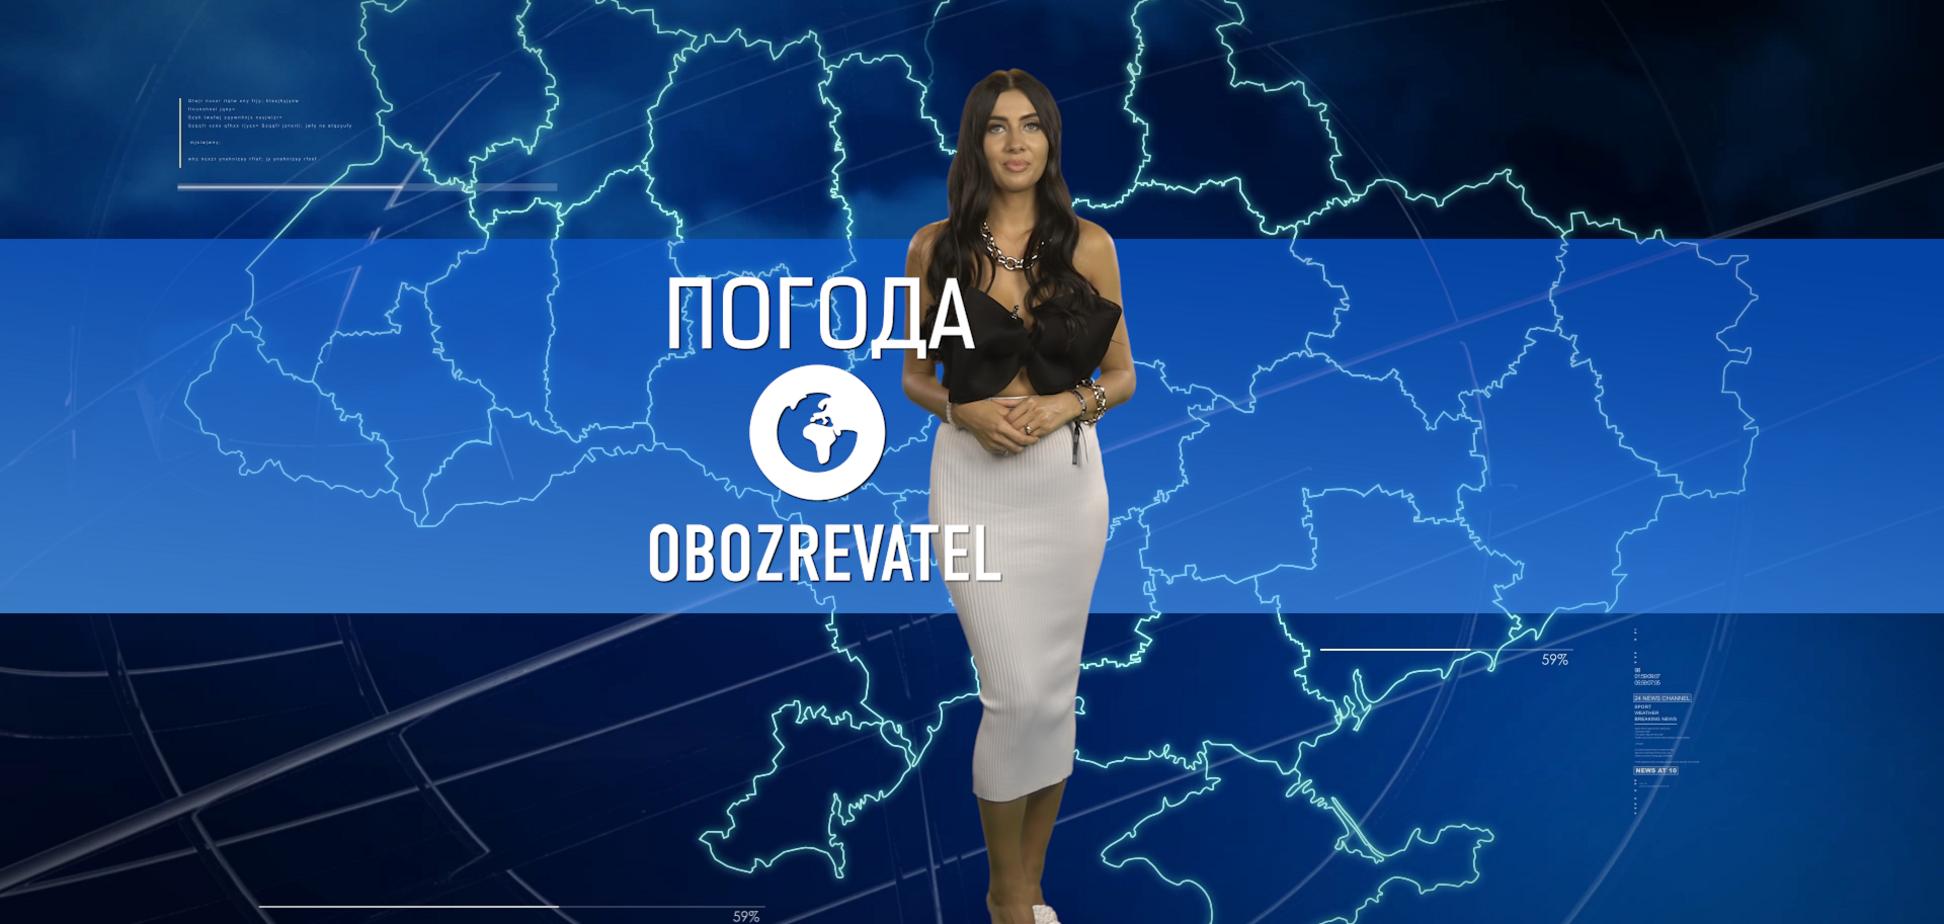 Прогноз погоди в Україні на суботу 12 червня з Алісою Мярковською